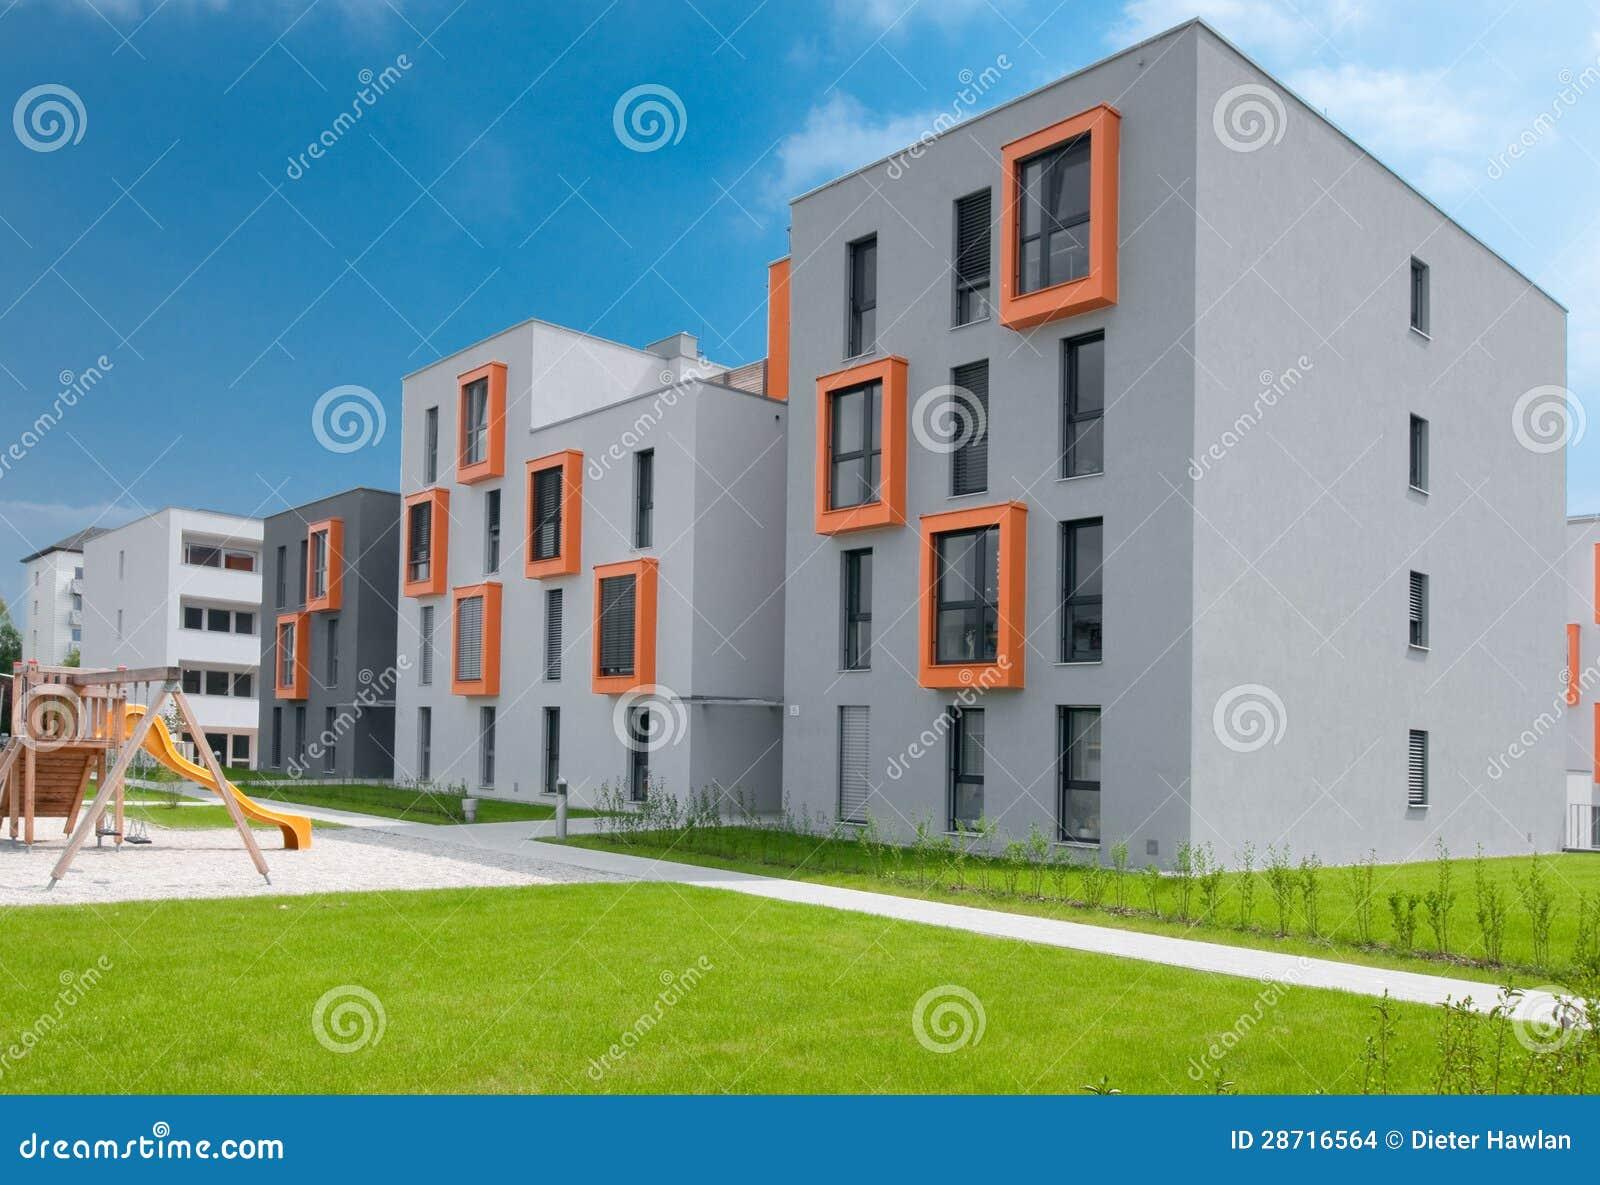 Palazzina di appartamenti moderna immagini stock for Foto di fattoria moderna